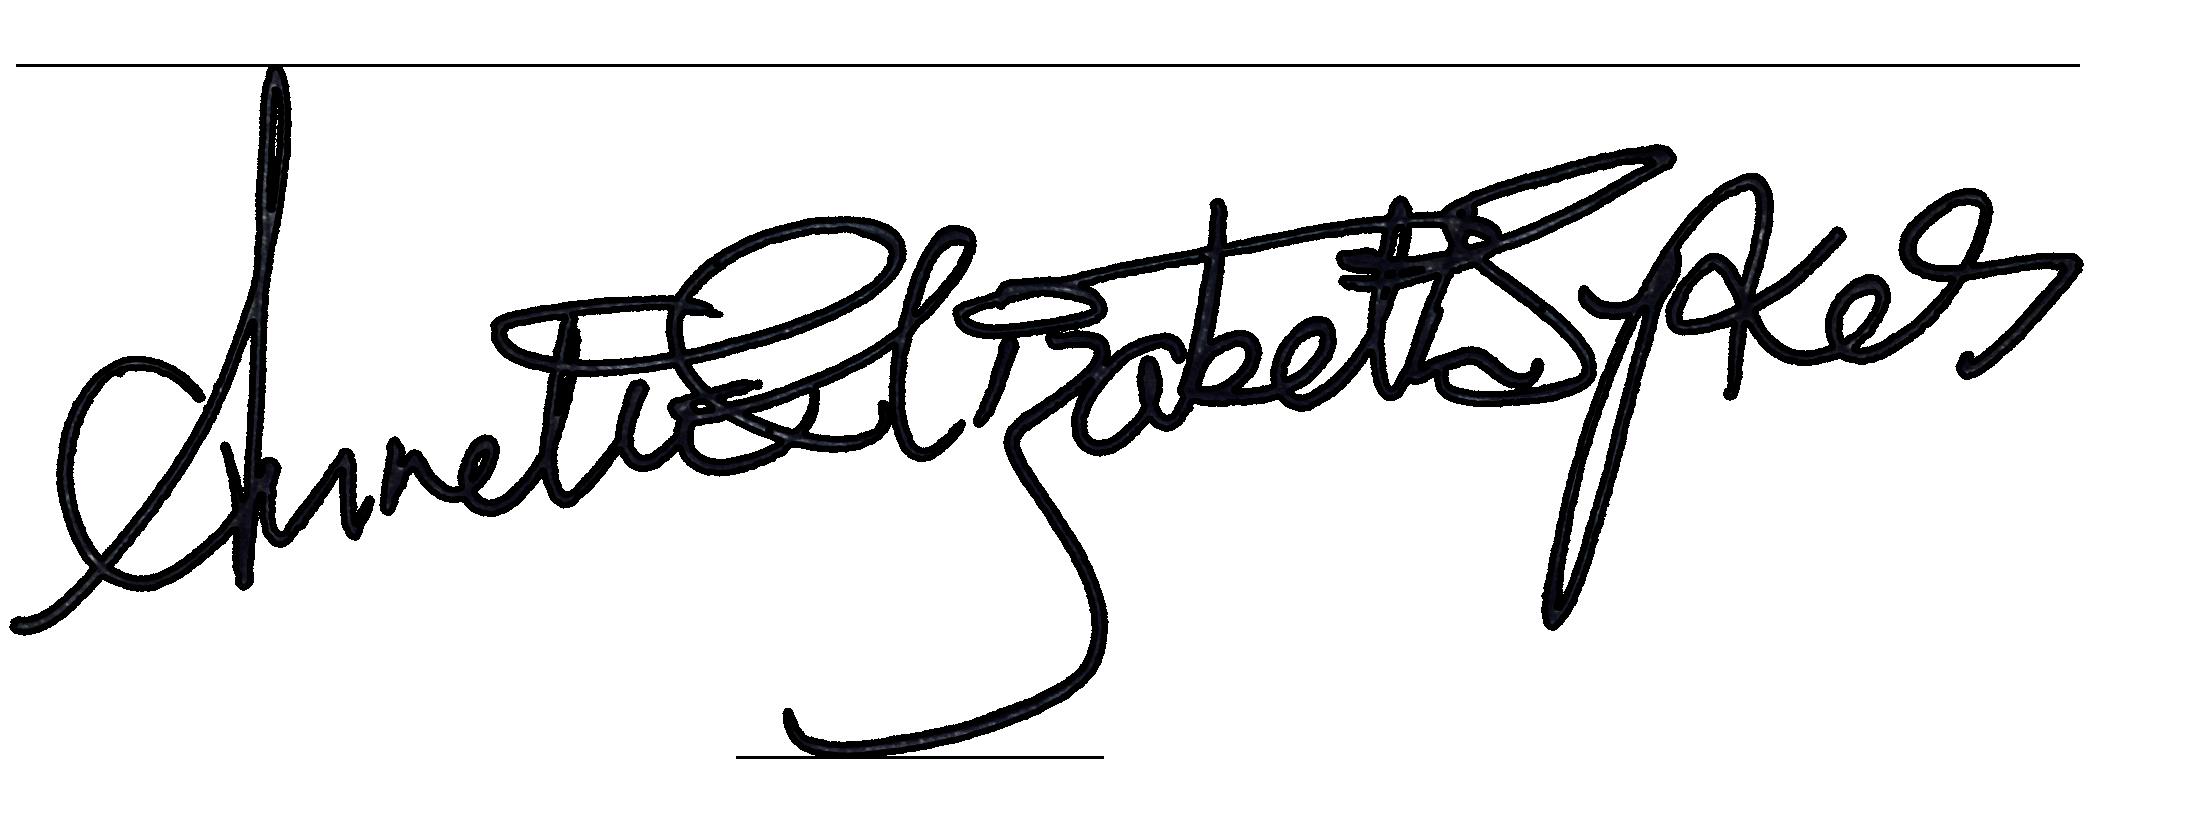 Annette Elizabeth Sykes's Signature